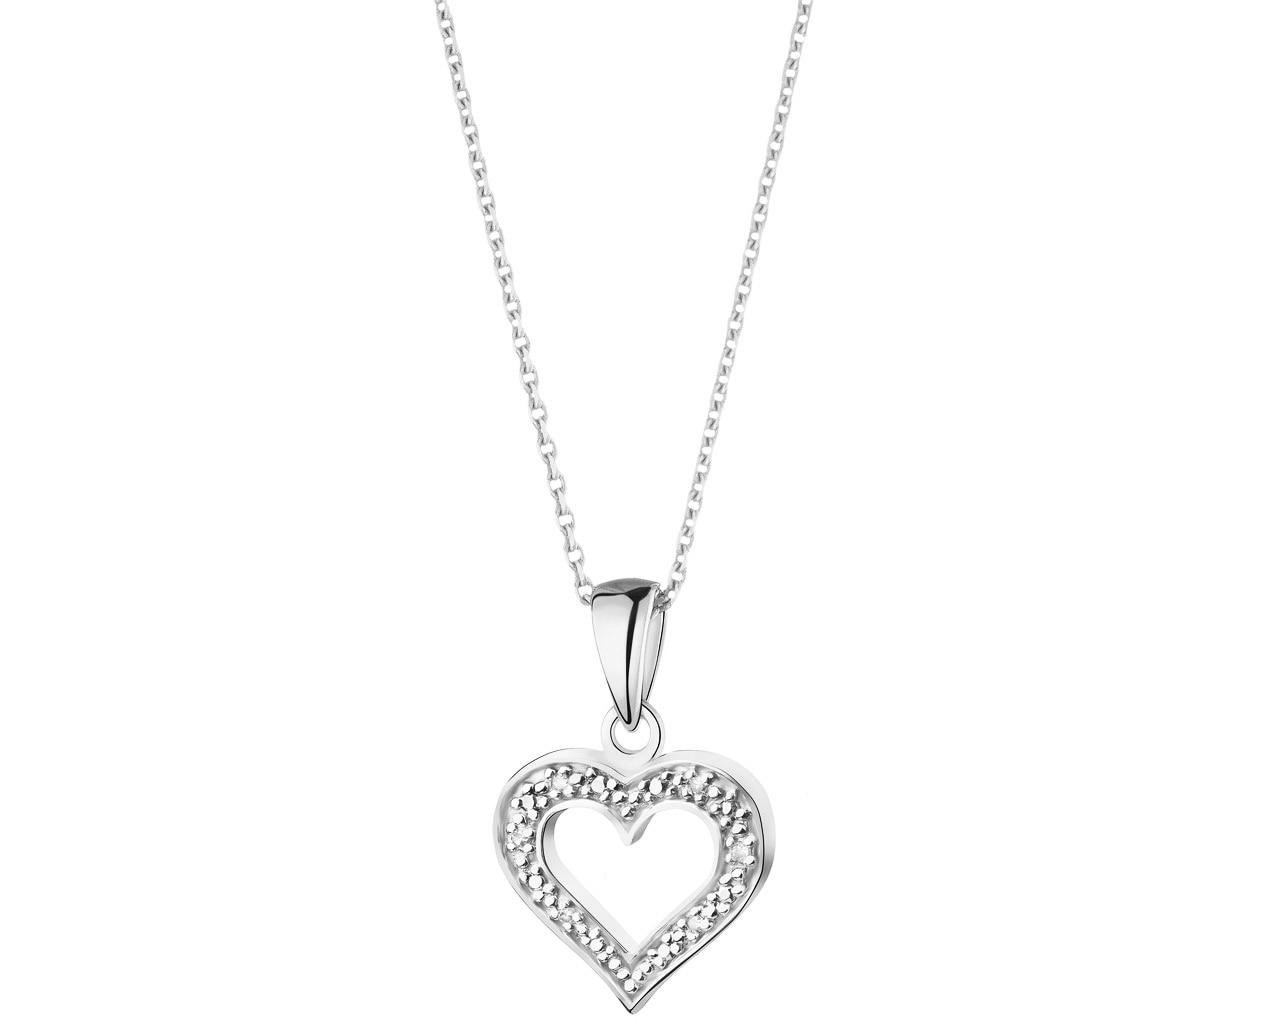 aa91b344652690 Zawieszka z białego złota z diamentami - wzór 101.169 / Apart